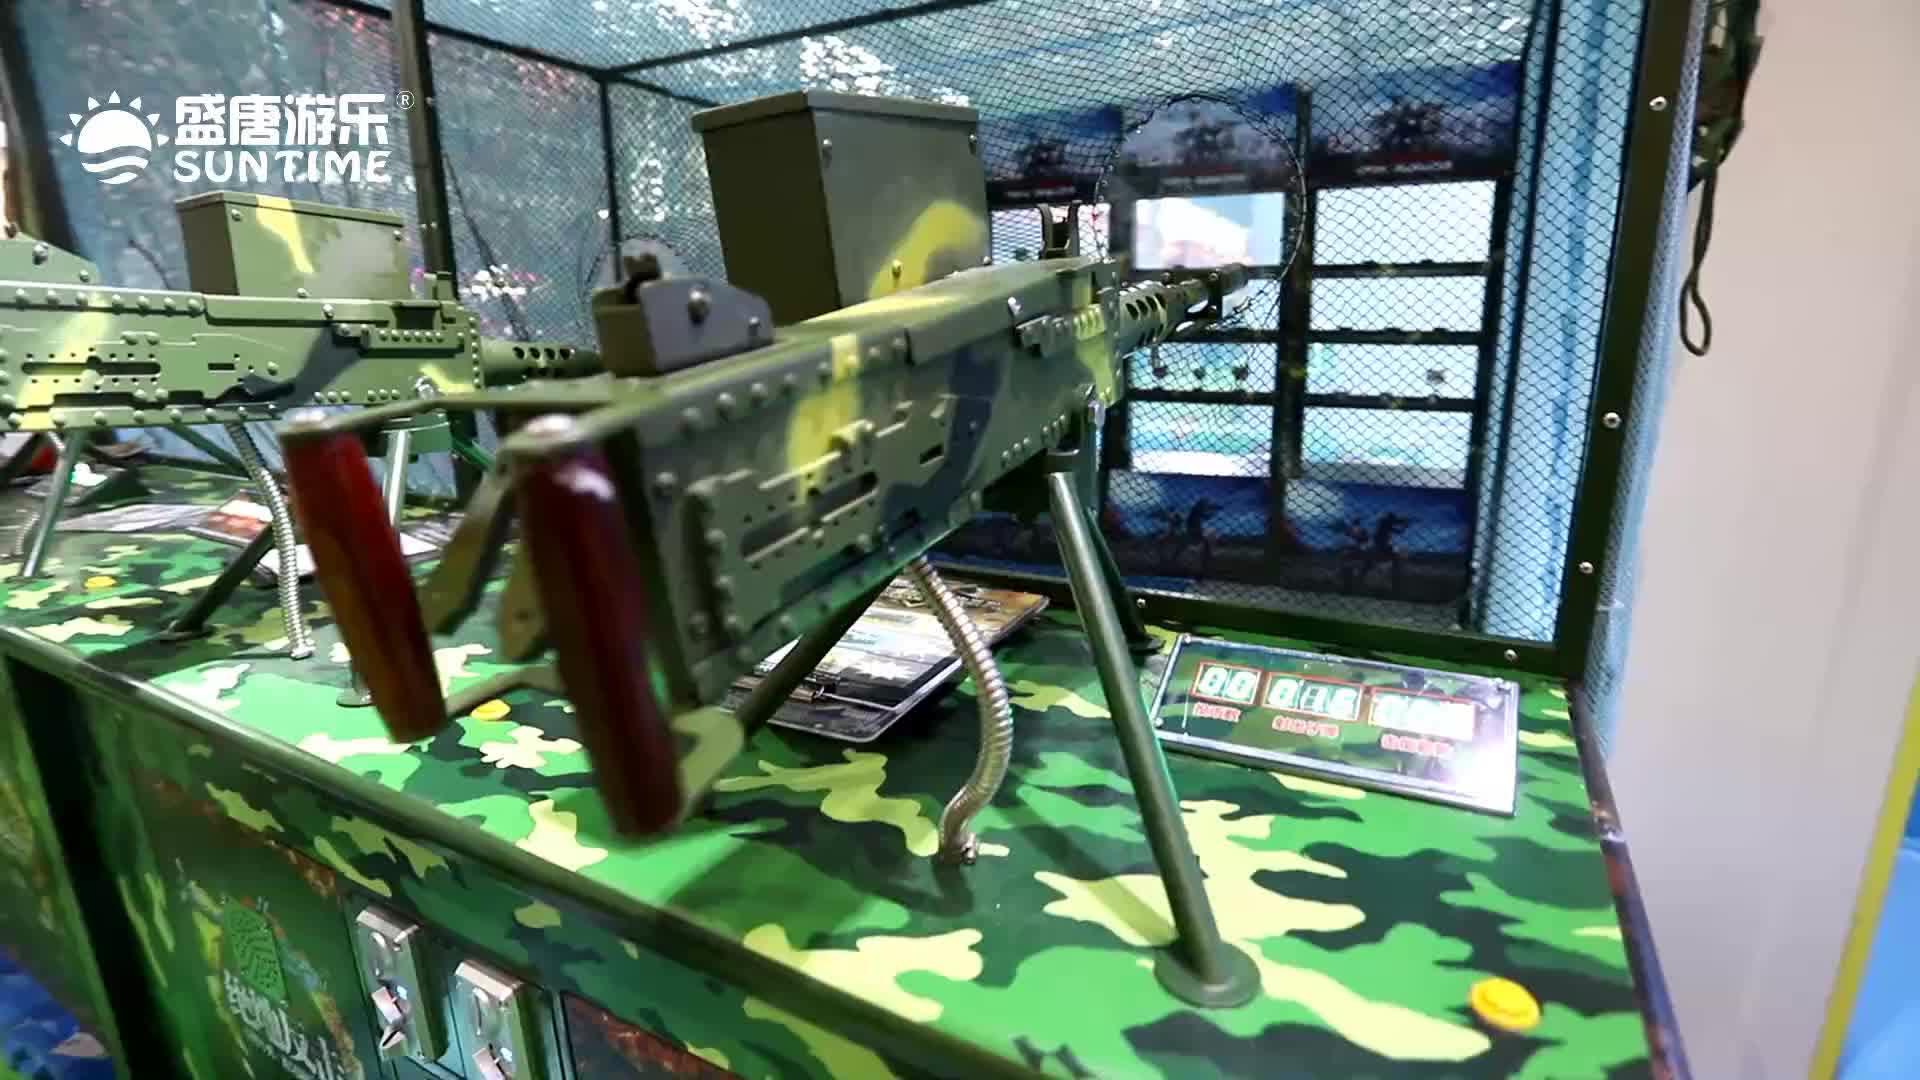 Trong Nhà/Ngoài Trời Amausement Công Viên Arcade Trò Chơi Máy Trò Chơi Bắn Súng